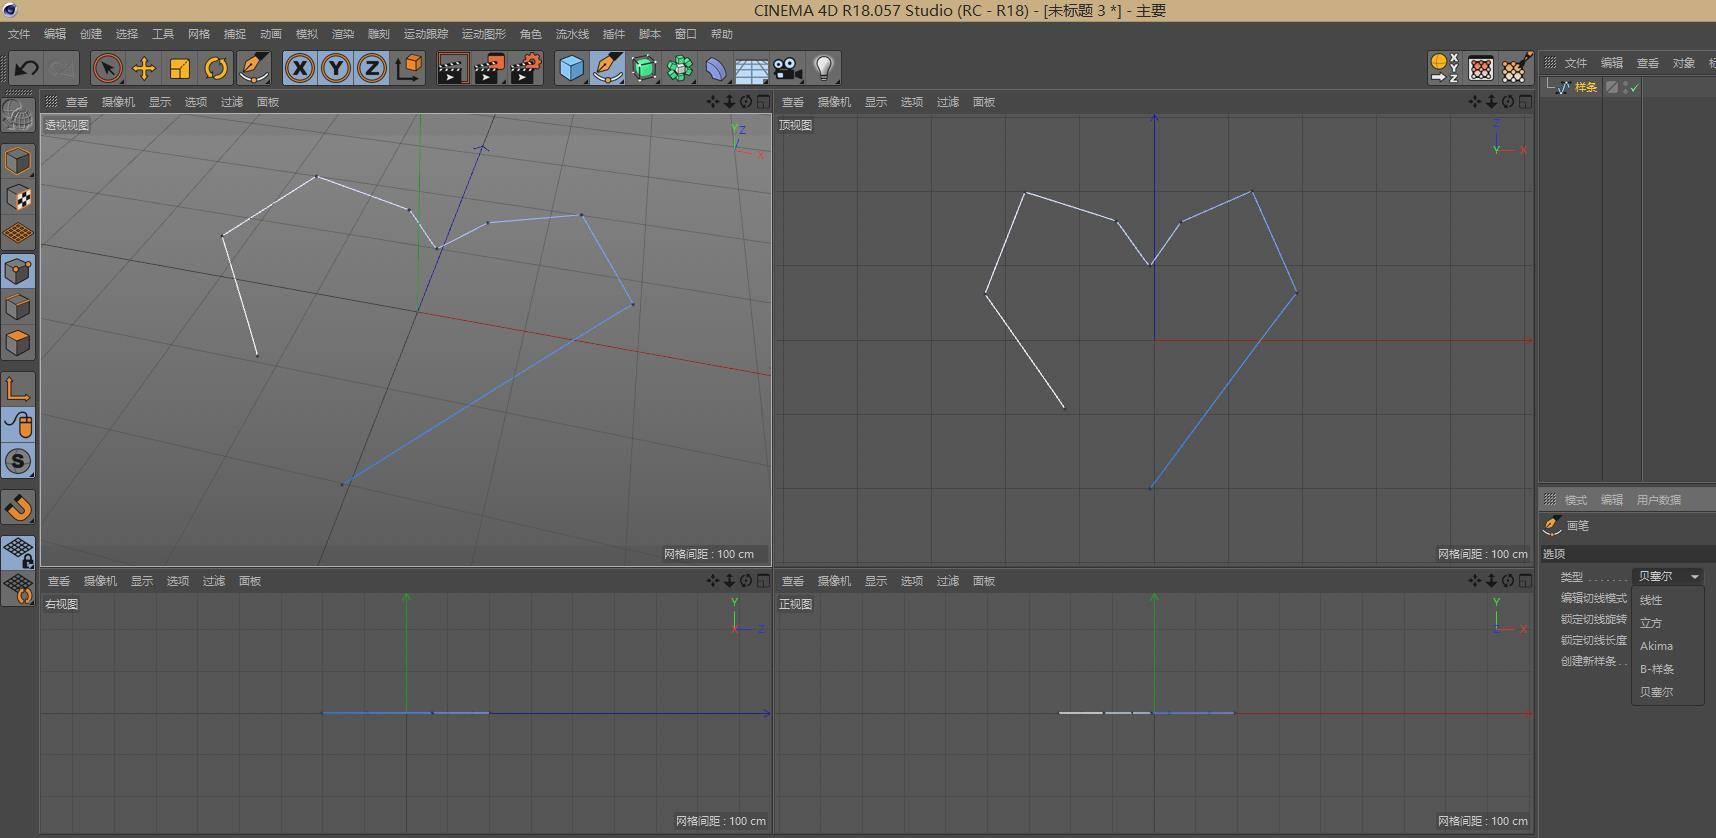 CINEMA 4D入门 (51):C4D 画笔样条spline 使用技巧(1) 贝塞尔、B-样条、折线、曲线调节 - R站|学习使我快乐! - 2